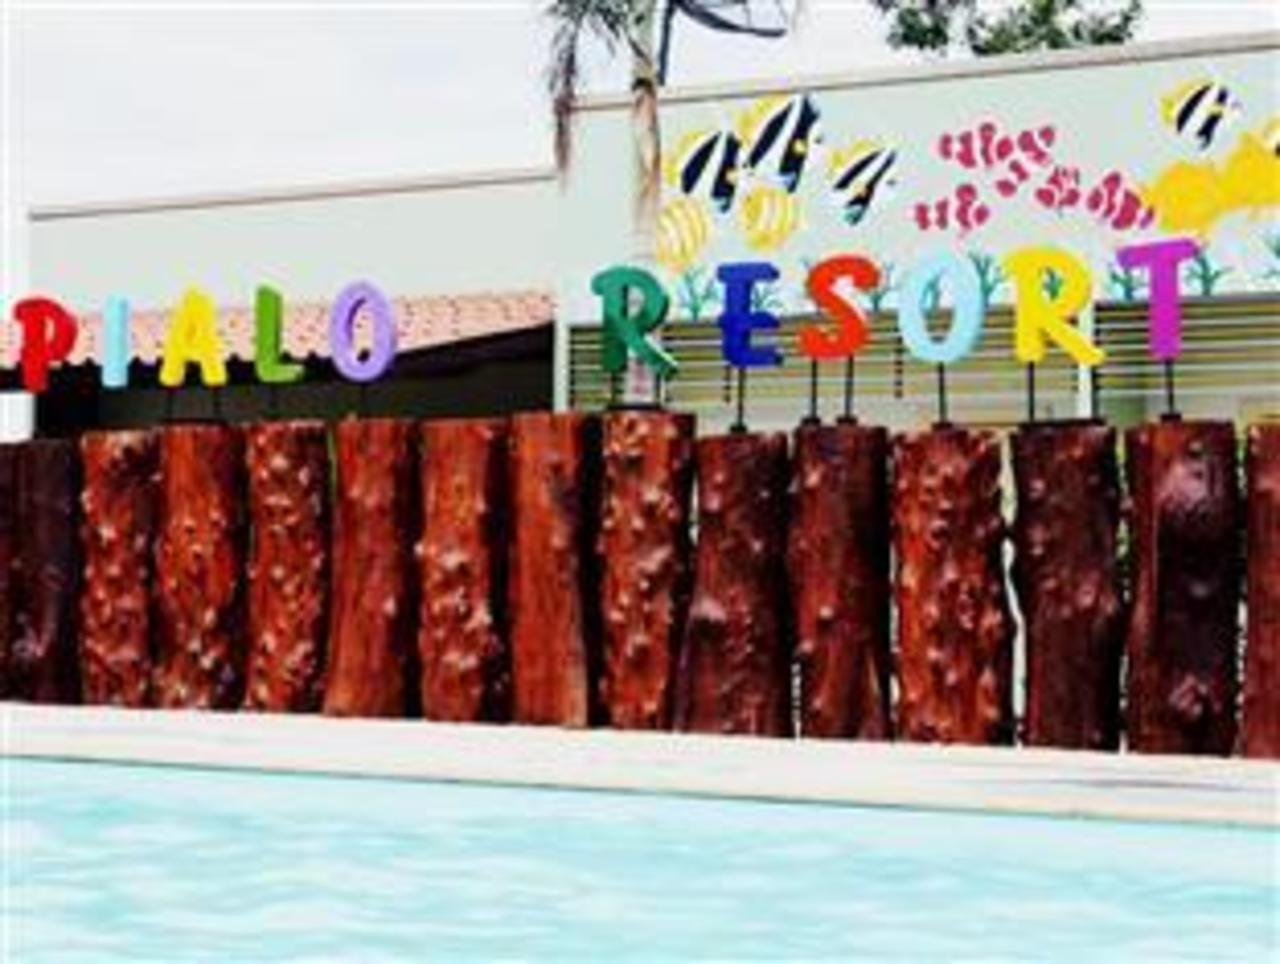 เปียโล รีสอร์ท แอนด์ สวิมมิ่ง พูล  (Pialo Resort & Swimming Pool)